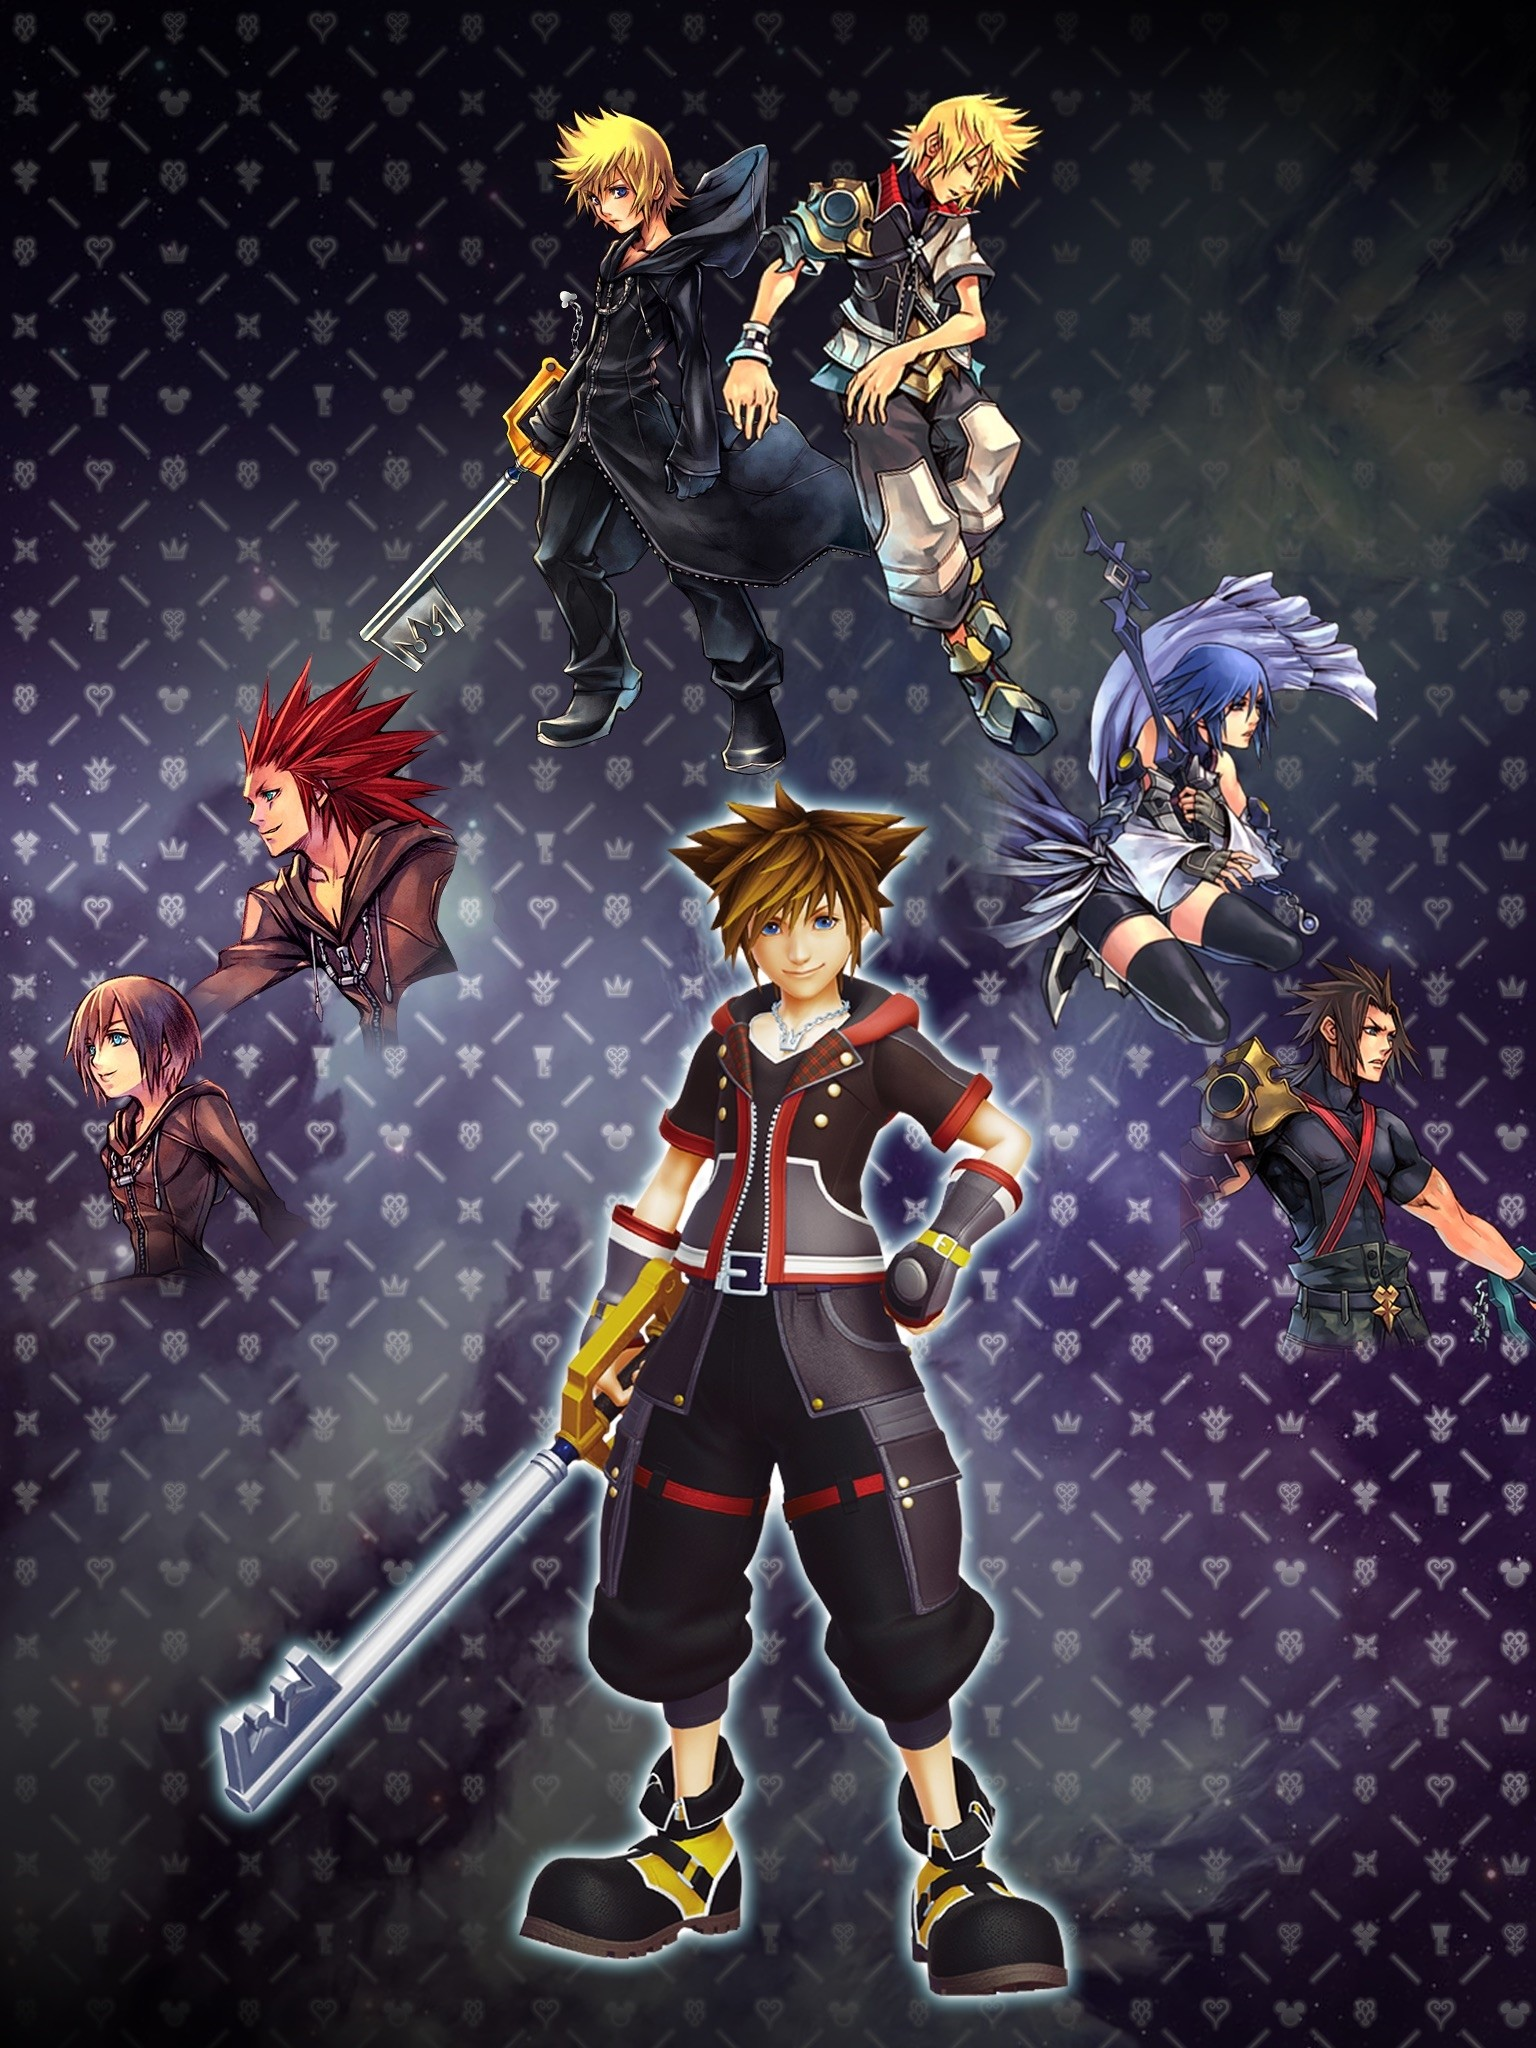 Sfondi Kingdom Hearts 3 1536x2048 Wallpaper Teahub Io